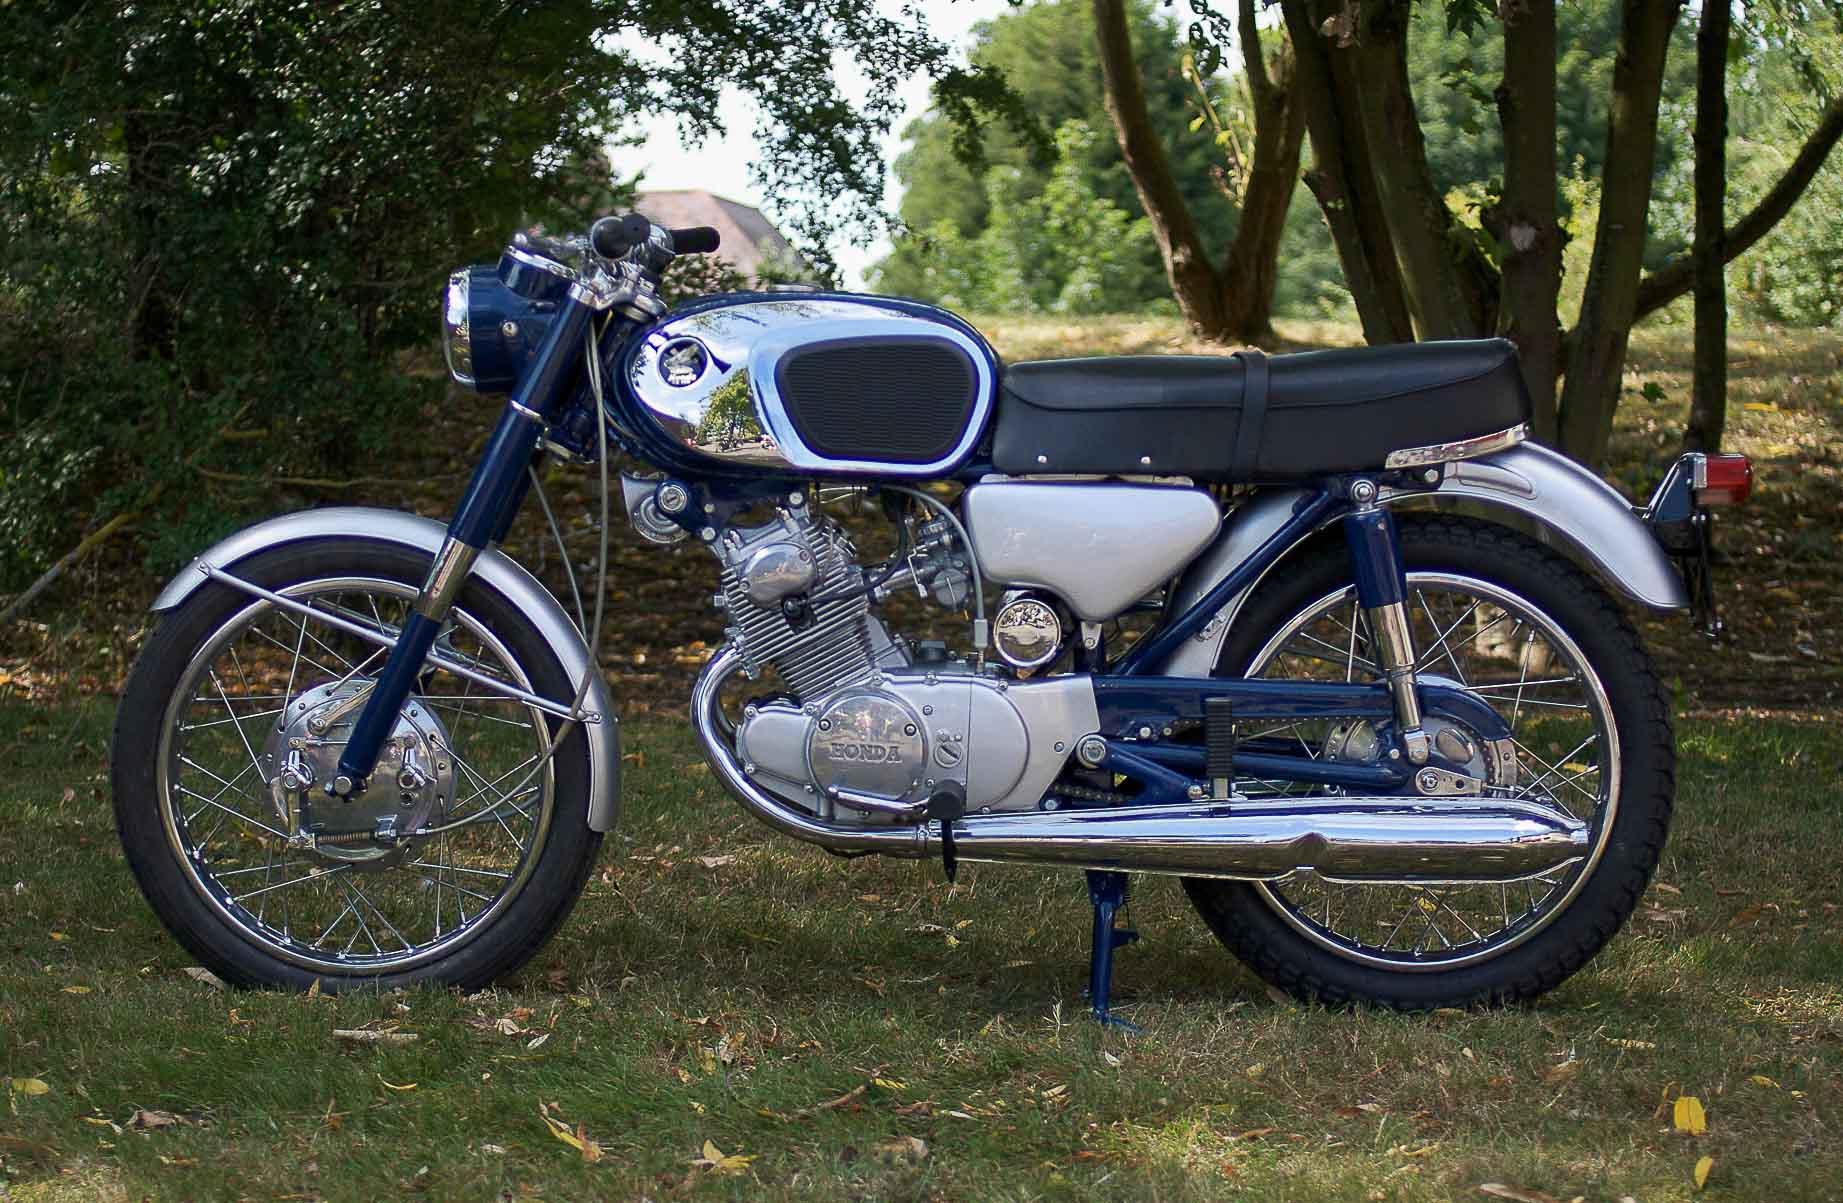 HONDA CB 160 (1964-1971)